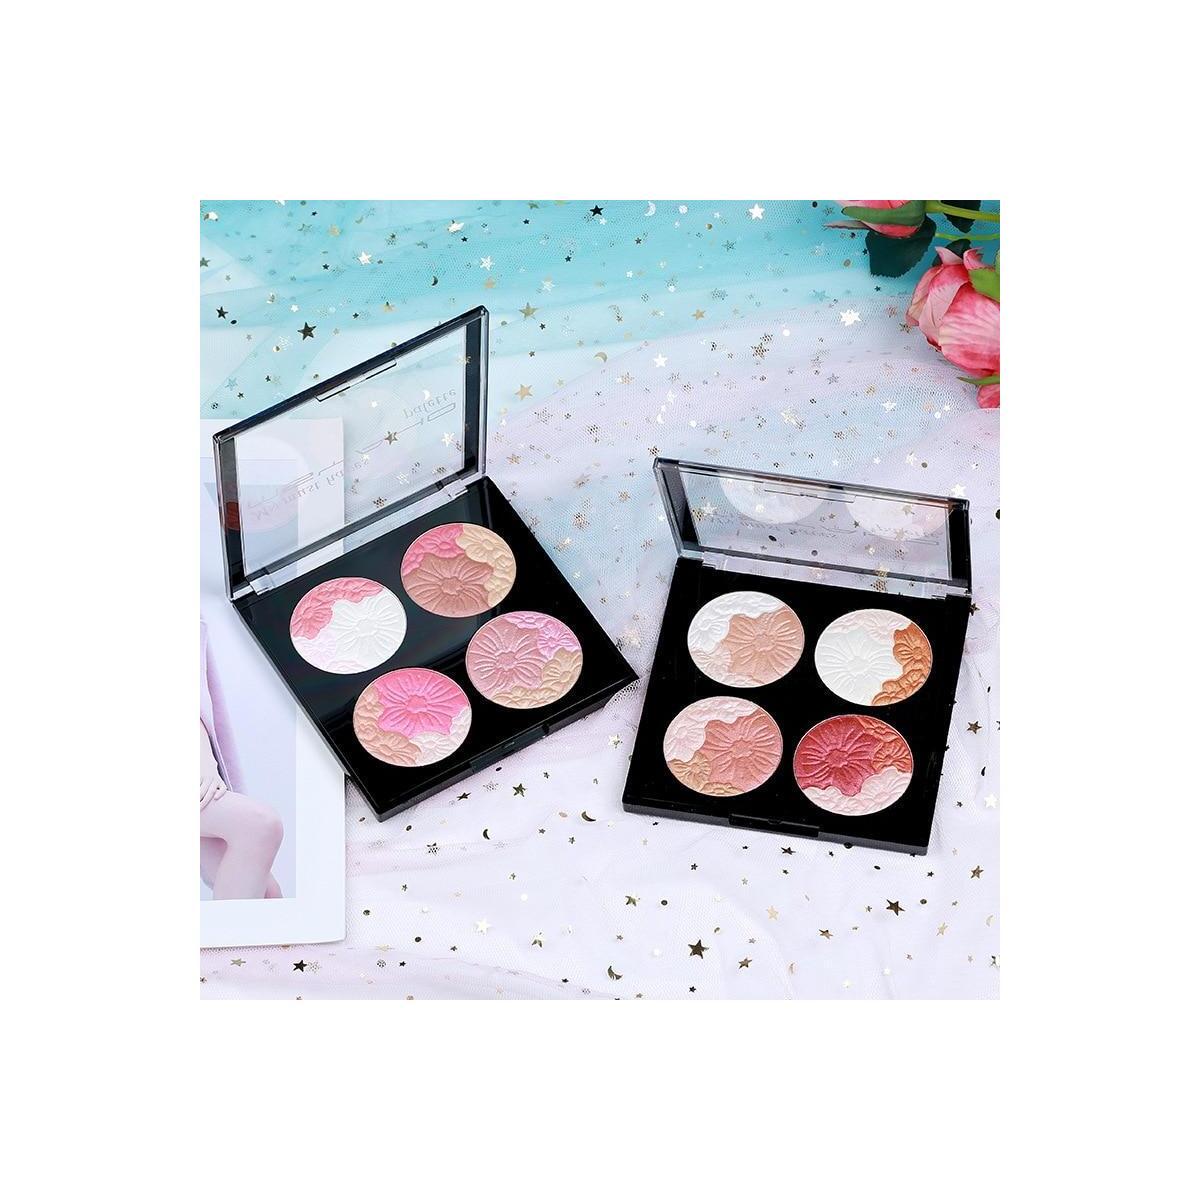 Highlighter Makeup Brighten Palette, B